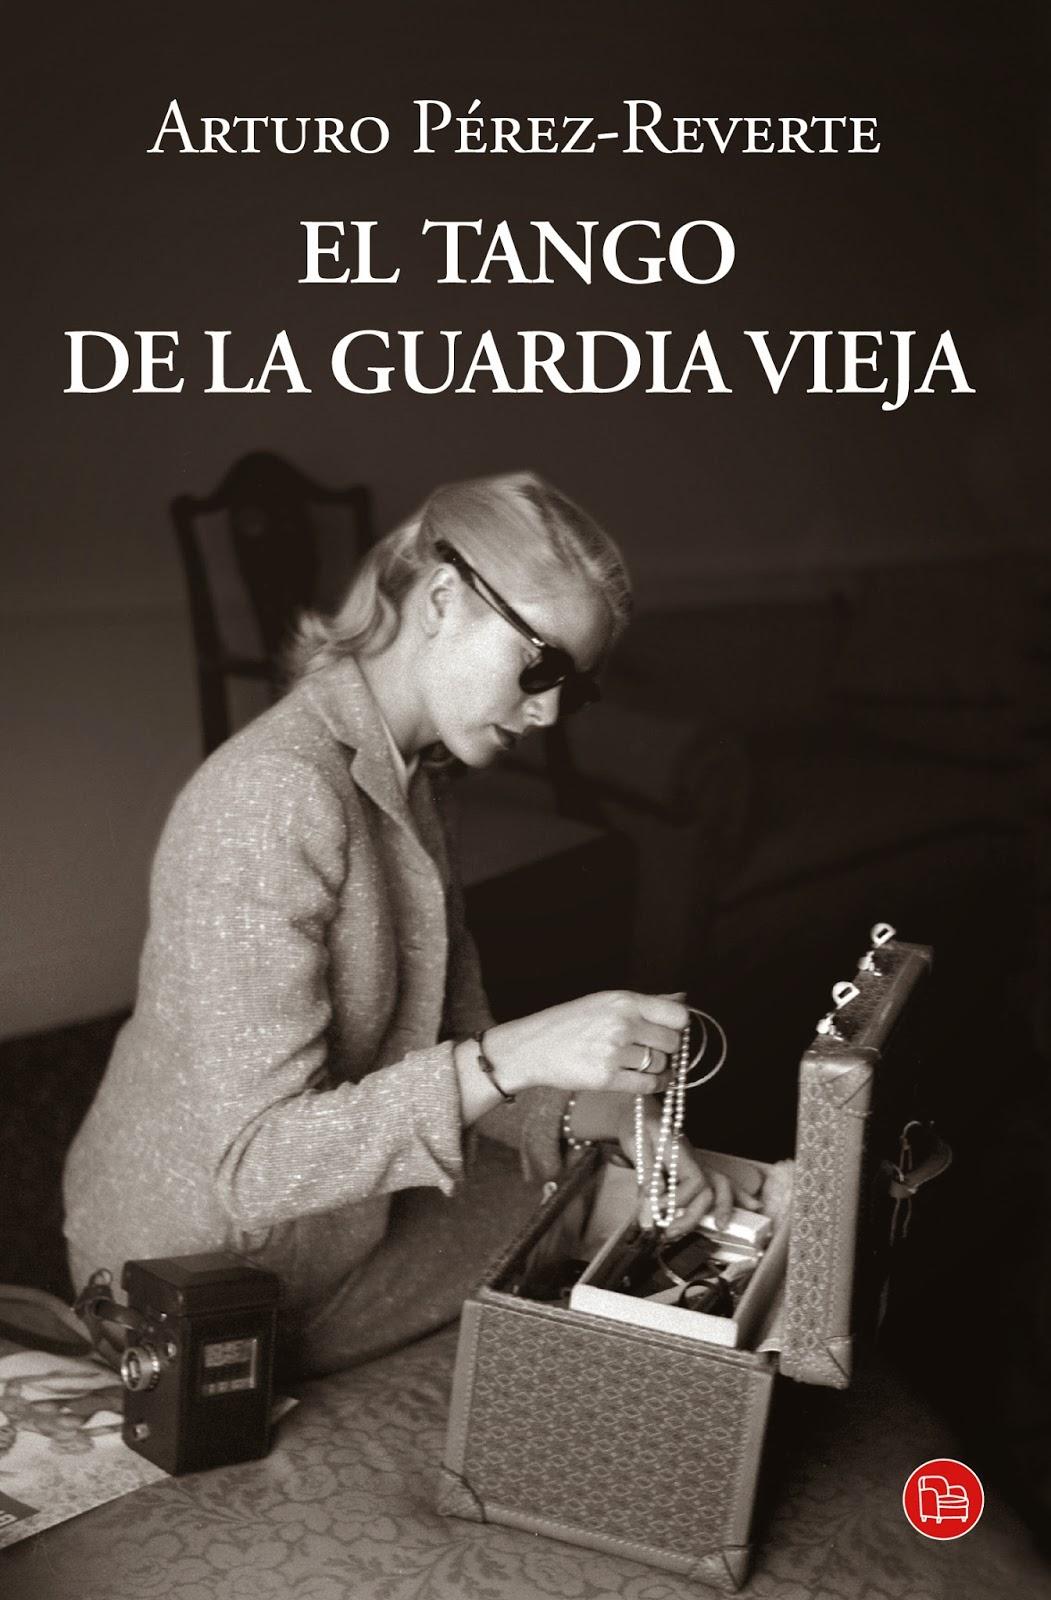 Reseña: El tango de la Guardia Vieja de Arturo Pérez-Reverte